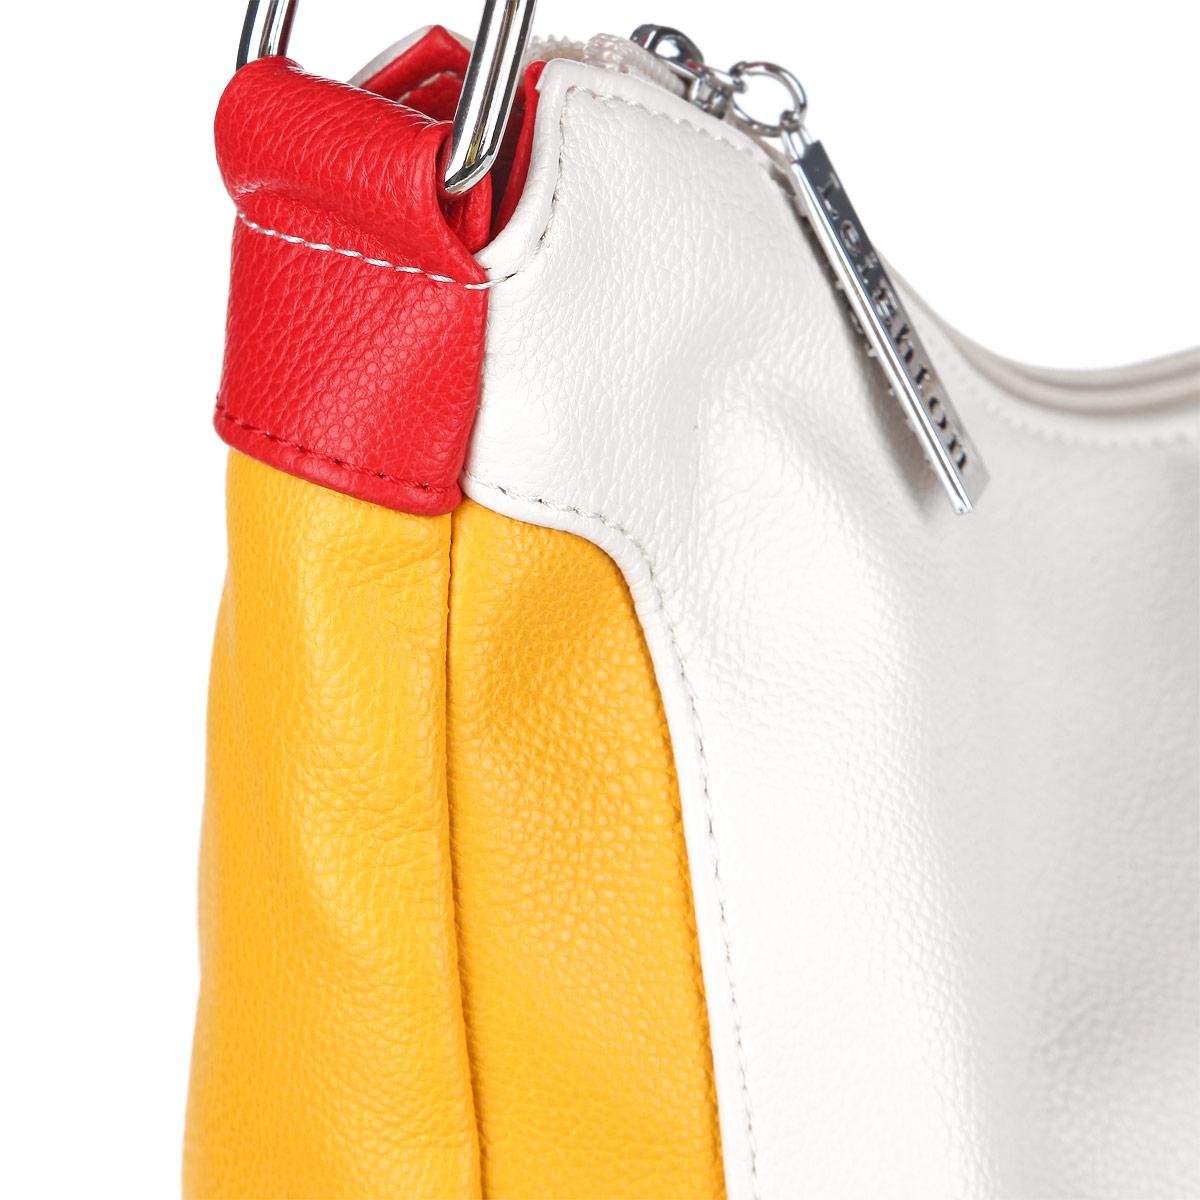 Сумка женская Leighton, цвет: белый, желтый. 10421-1070/922/1070/808/1 ( 10421-1070/922/1070/808/1 )